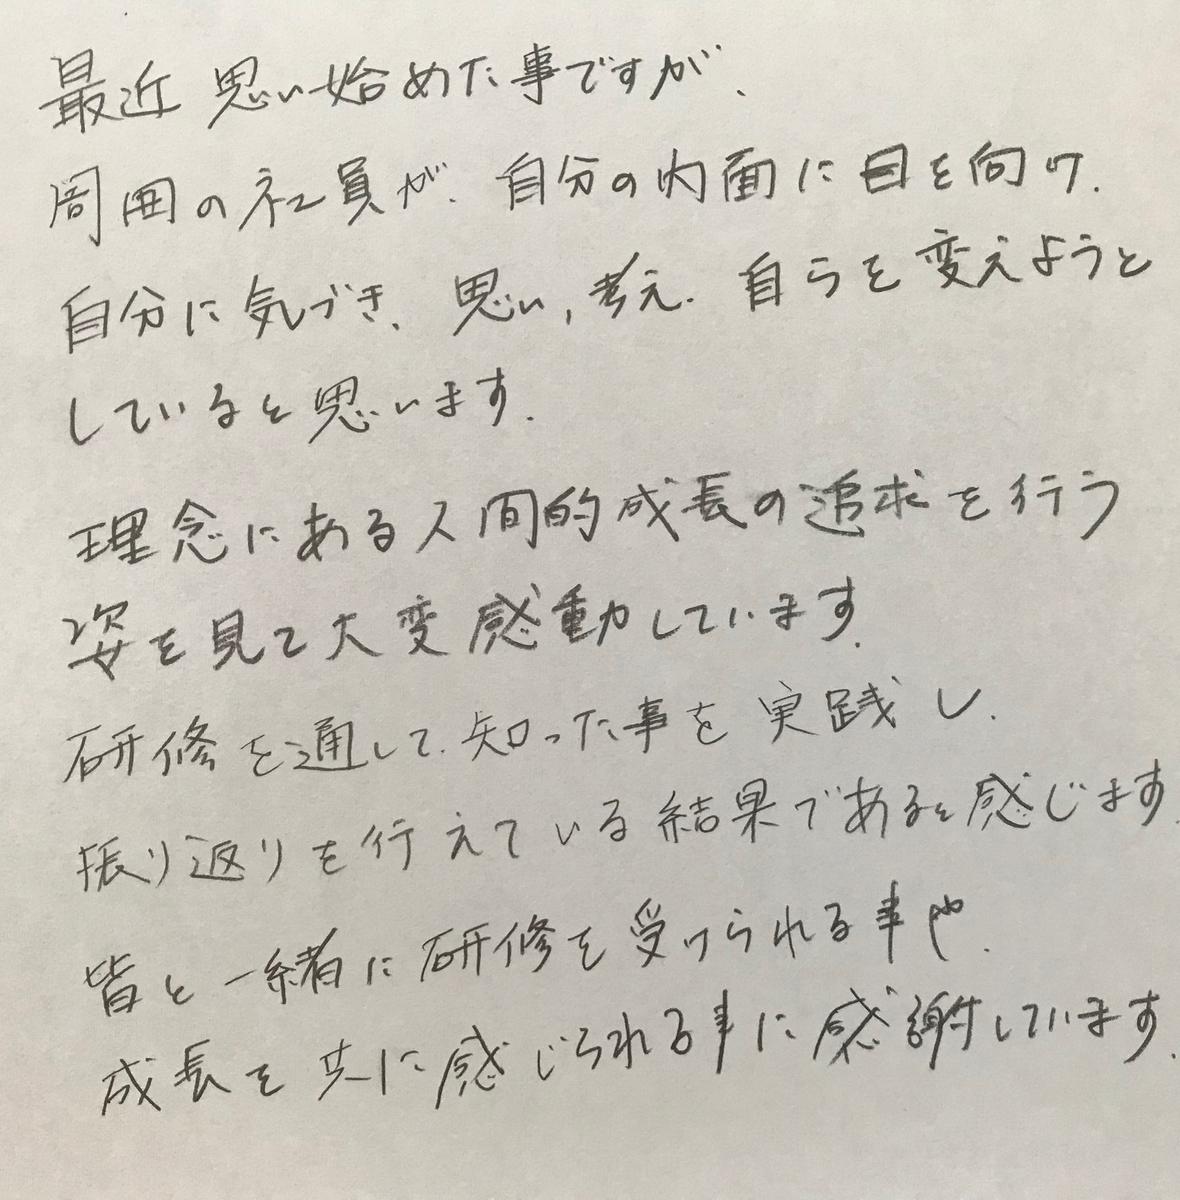 f:id:tanaka-shinichi:20200815175949j:plain